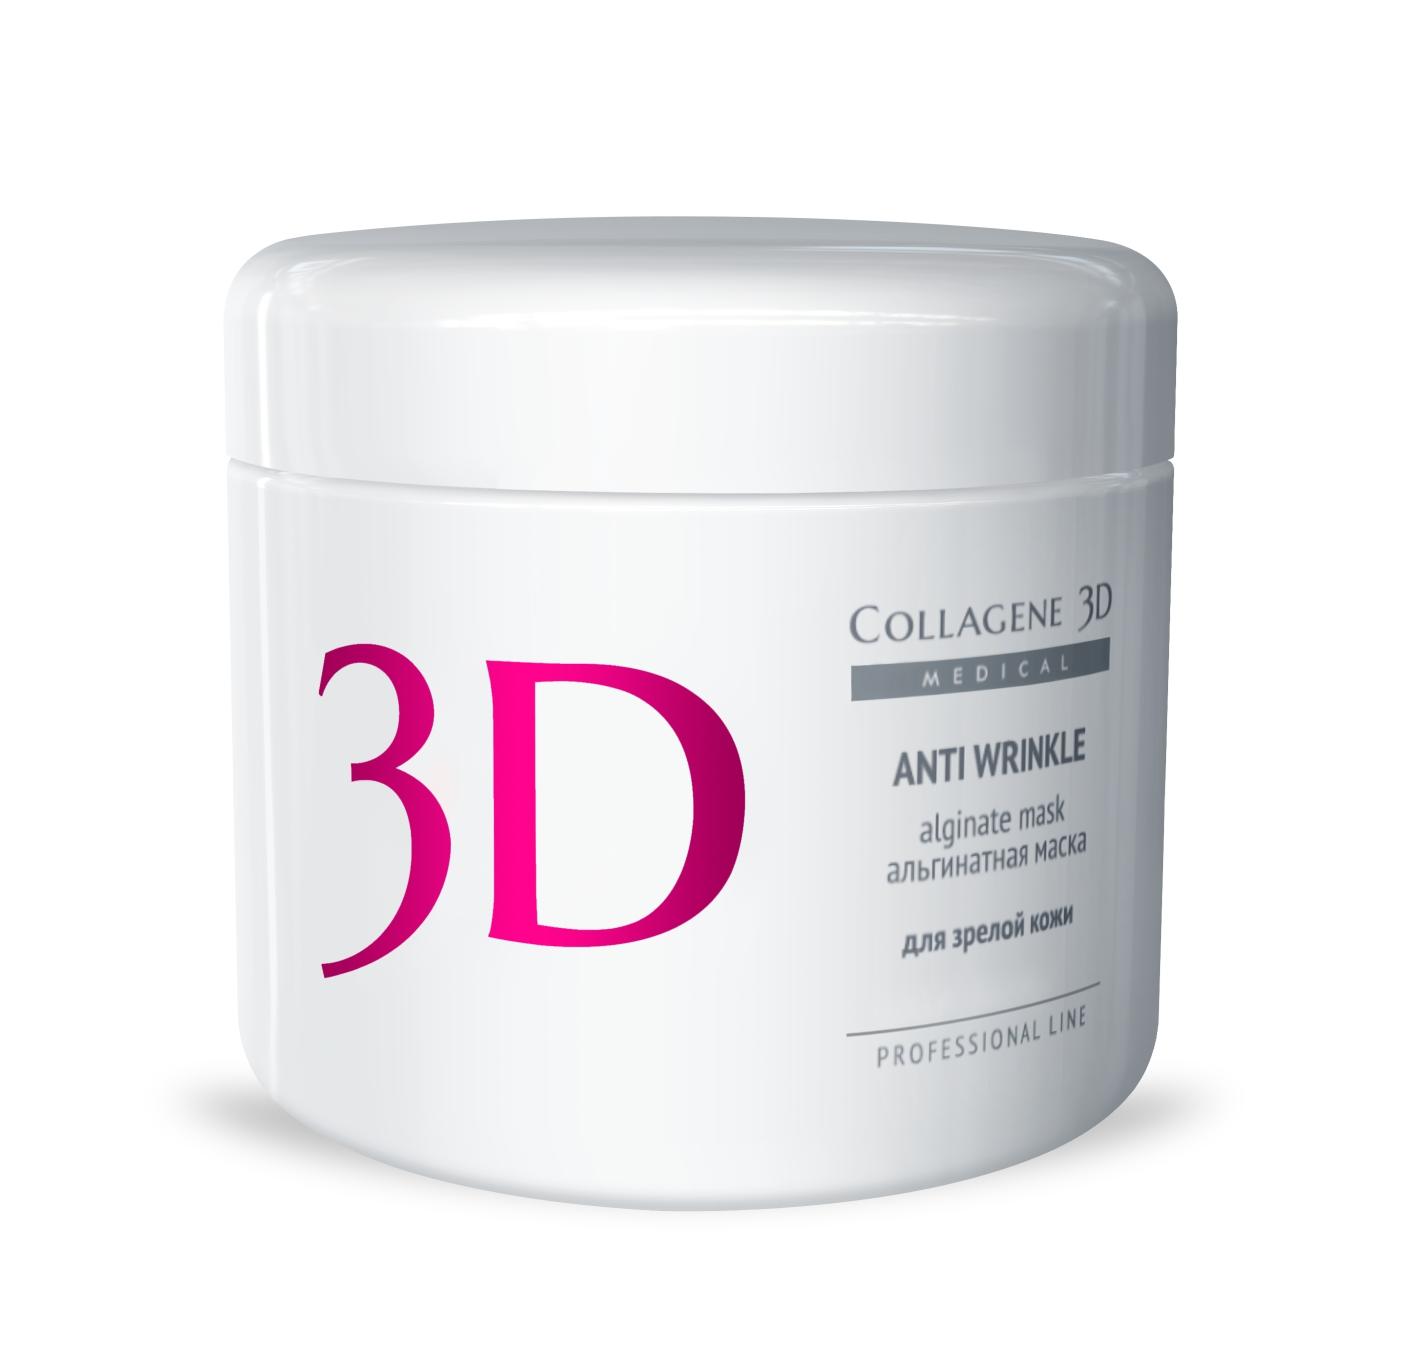 MEDICAL COLLAGENE 3D Маска альгинатная с экстрактом спирулины для лица и тела Anti Wrinkle 200грМаски<br>Для наиболее выраженного результата от процедуры антивозрастного ухода рекомендуется использовать альгинатную маску ANTI WRINKLE с экстрактами спирулины и ламинарии. Насыщенная текстура и удобное время застывания позволят добиться лучшего эффекта при максимальном комфорте пациента. При разведении водой порошок альгината превращается в густую массу, которая сама по себе интенсивно увлажняет, разглаживает кожу, оказывает дренажное действие, стимулирует кровообращение и показывает впечатляющие результаты при проведении экспресс-процедур. Экстракты водорослей содержат витамины группы B, полиненасыщенные жирные кислоты, макро- и микроэлементы. Экстракт спирулины отличается высоким содержанием белка (до 60%), богатого незаменимыми аминокислотами, водо- и жирорастворимые витамины, является источником калия, кальция, хрома, меди, железа, магния, марганца, фосфора, селена, натрия и цинка, а также растительных пигментов – мощных природных антиоксидантов. Активные ингредиенты: альгинат натрия, экстракт спирулины, экстракт ламинарии. Способ применения: перед применением альгинатной маски рекомендуется в качестве концентрата на очищенную кожу нанести коллагеновую гель-маску серии MEDICAL COLLAGENE 3D и сделать легкий массаж. Альгинатную маску подготовить непосредственно перед применением. Порошок смешать с водой комнатной температуры (20-25°С) в пропорции 1:3 до состояния однородной массы. С помощью шпателя равномерно нанести на кожу. Через 15 минут снять маску единым пластом. В завершение процедуры протереть лицо Фитотоником NATURAL FRESH и нанести коллагеновый крем серии MEDICAL COLLAGENE 3D.<br><br>Объем: 200<br>Вид средства для тела: Альгинатная